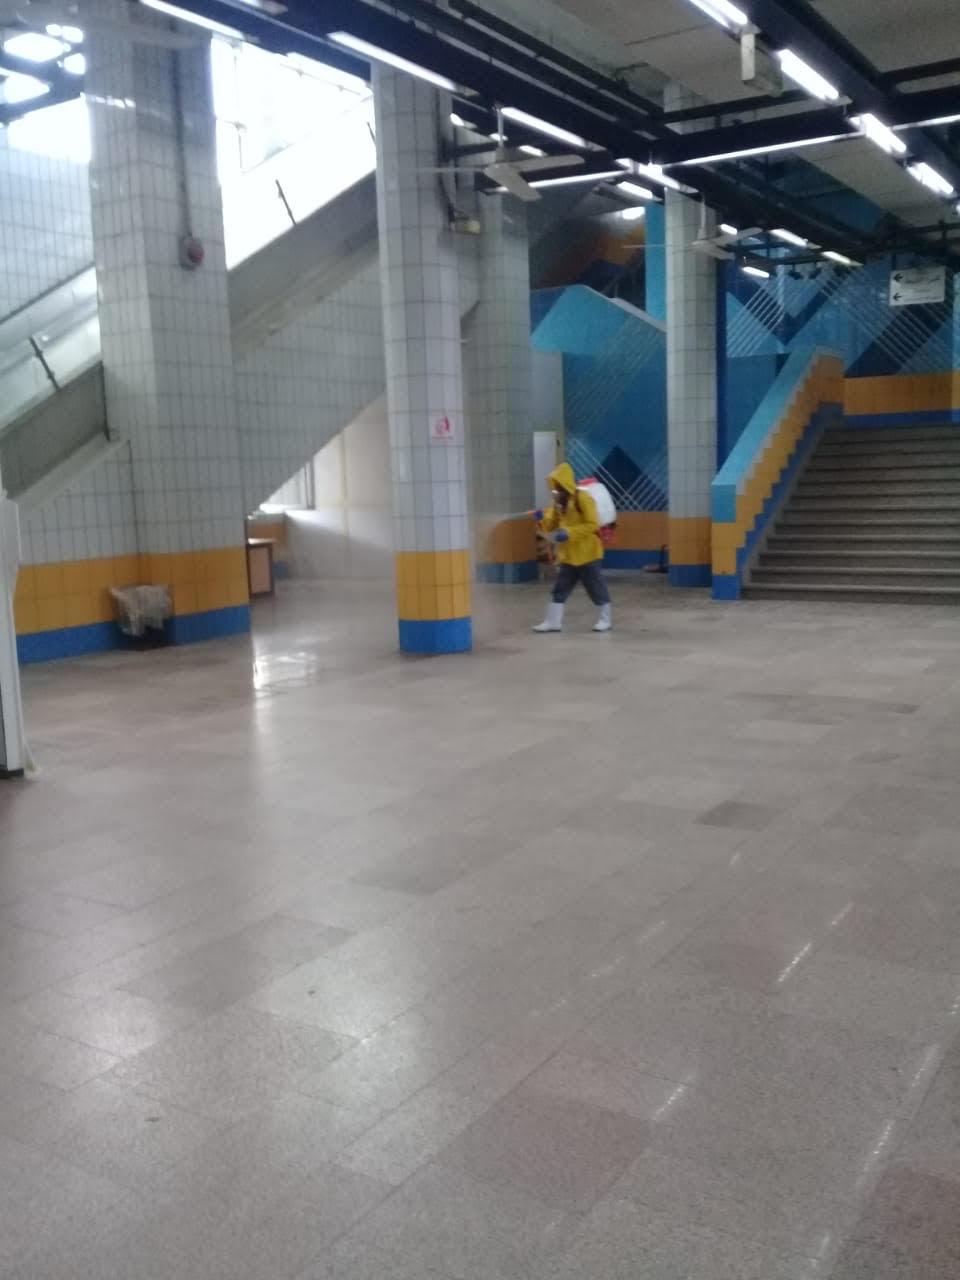 المترو يواصل أعمال تعقيم وتطهير القطارات والمحطات ضد كورونا (39)